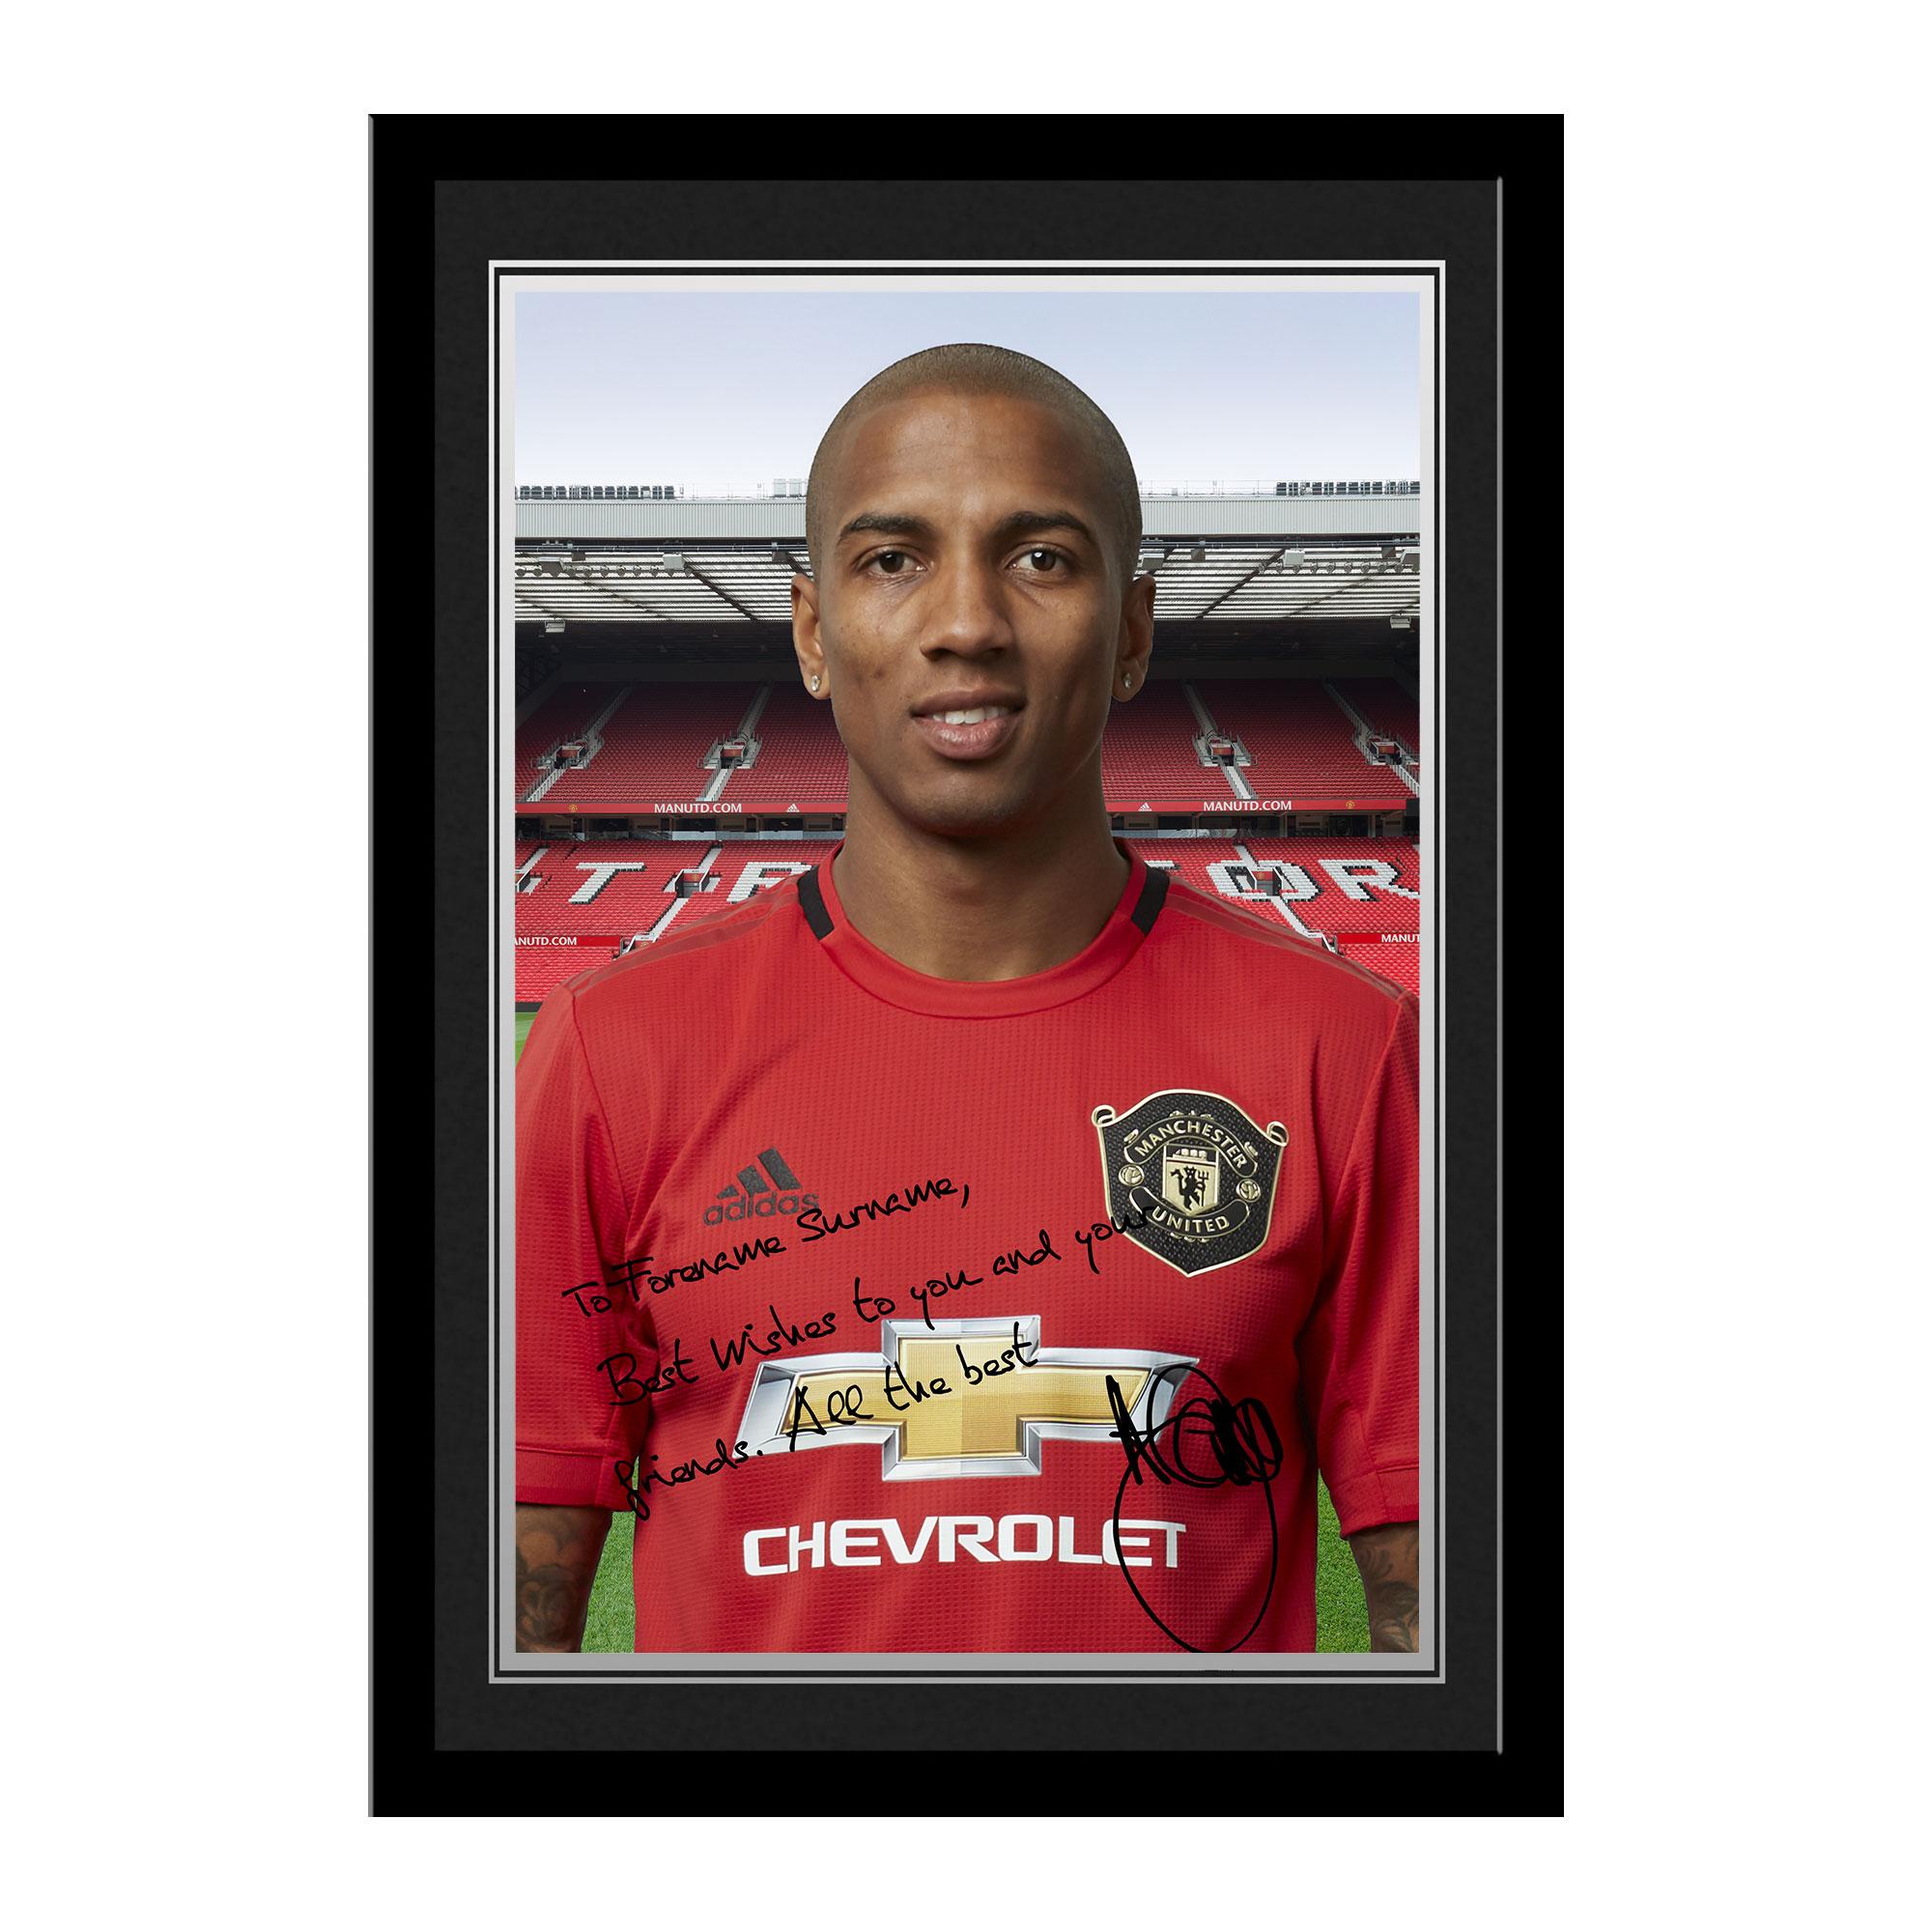 Ian Philipson Manchester United - Foto enmarcada con firma personalizada - Young Black